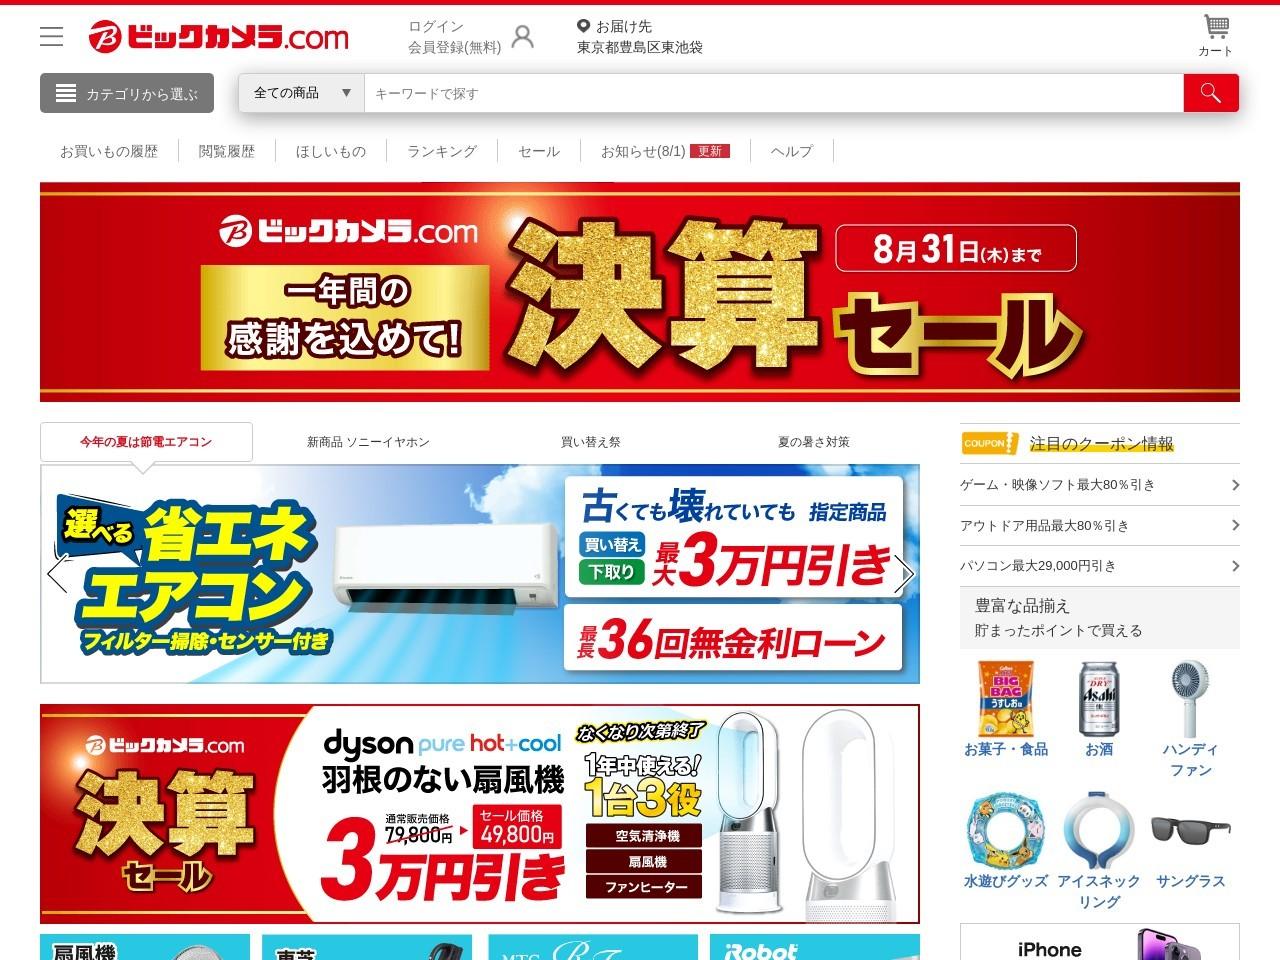 ビックカメラ.com | ビックカメラの公式通販サイト